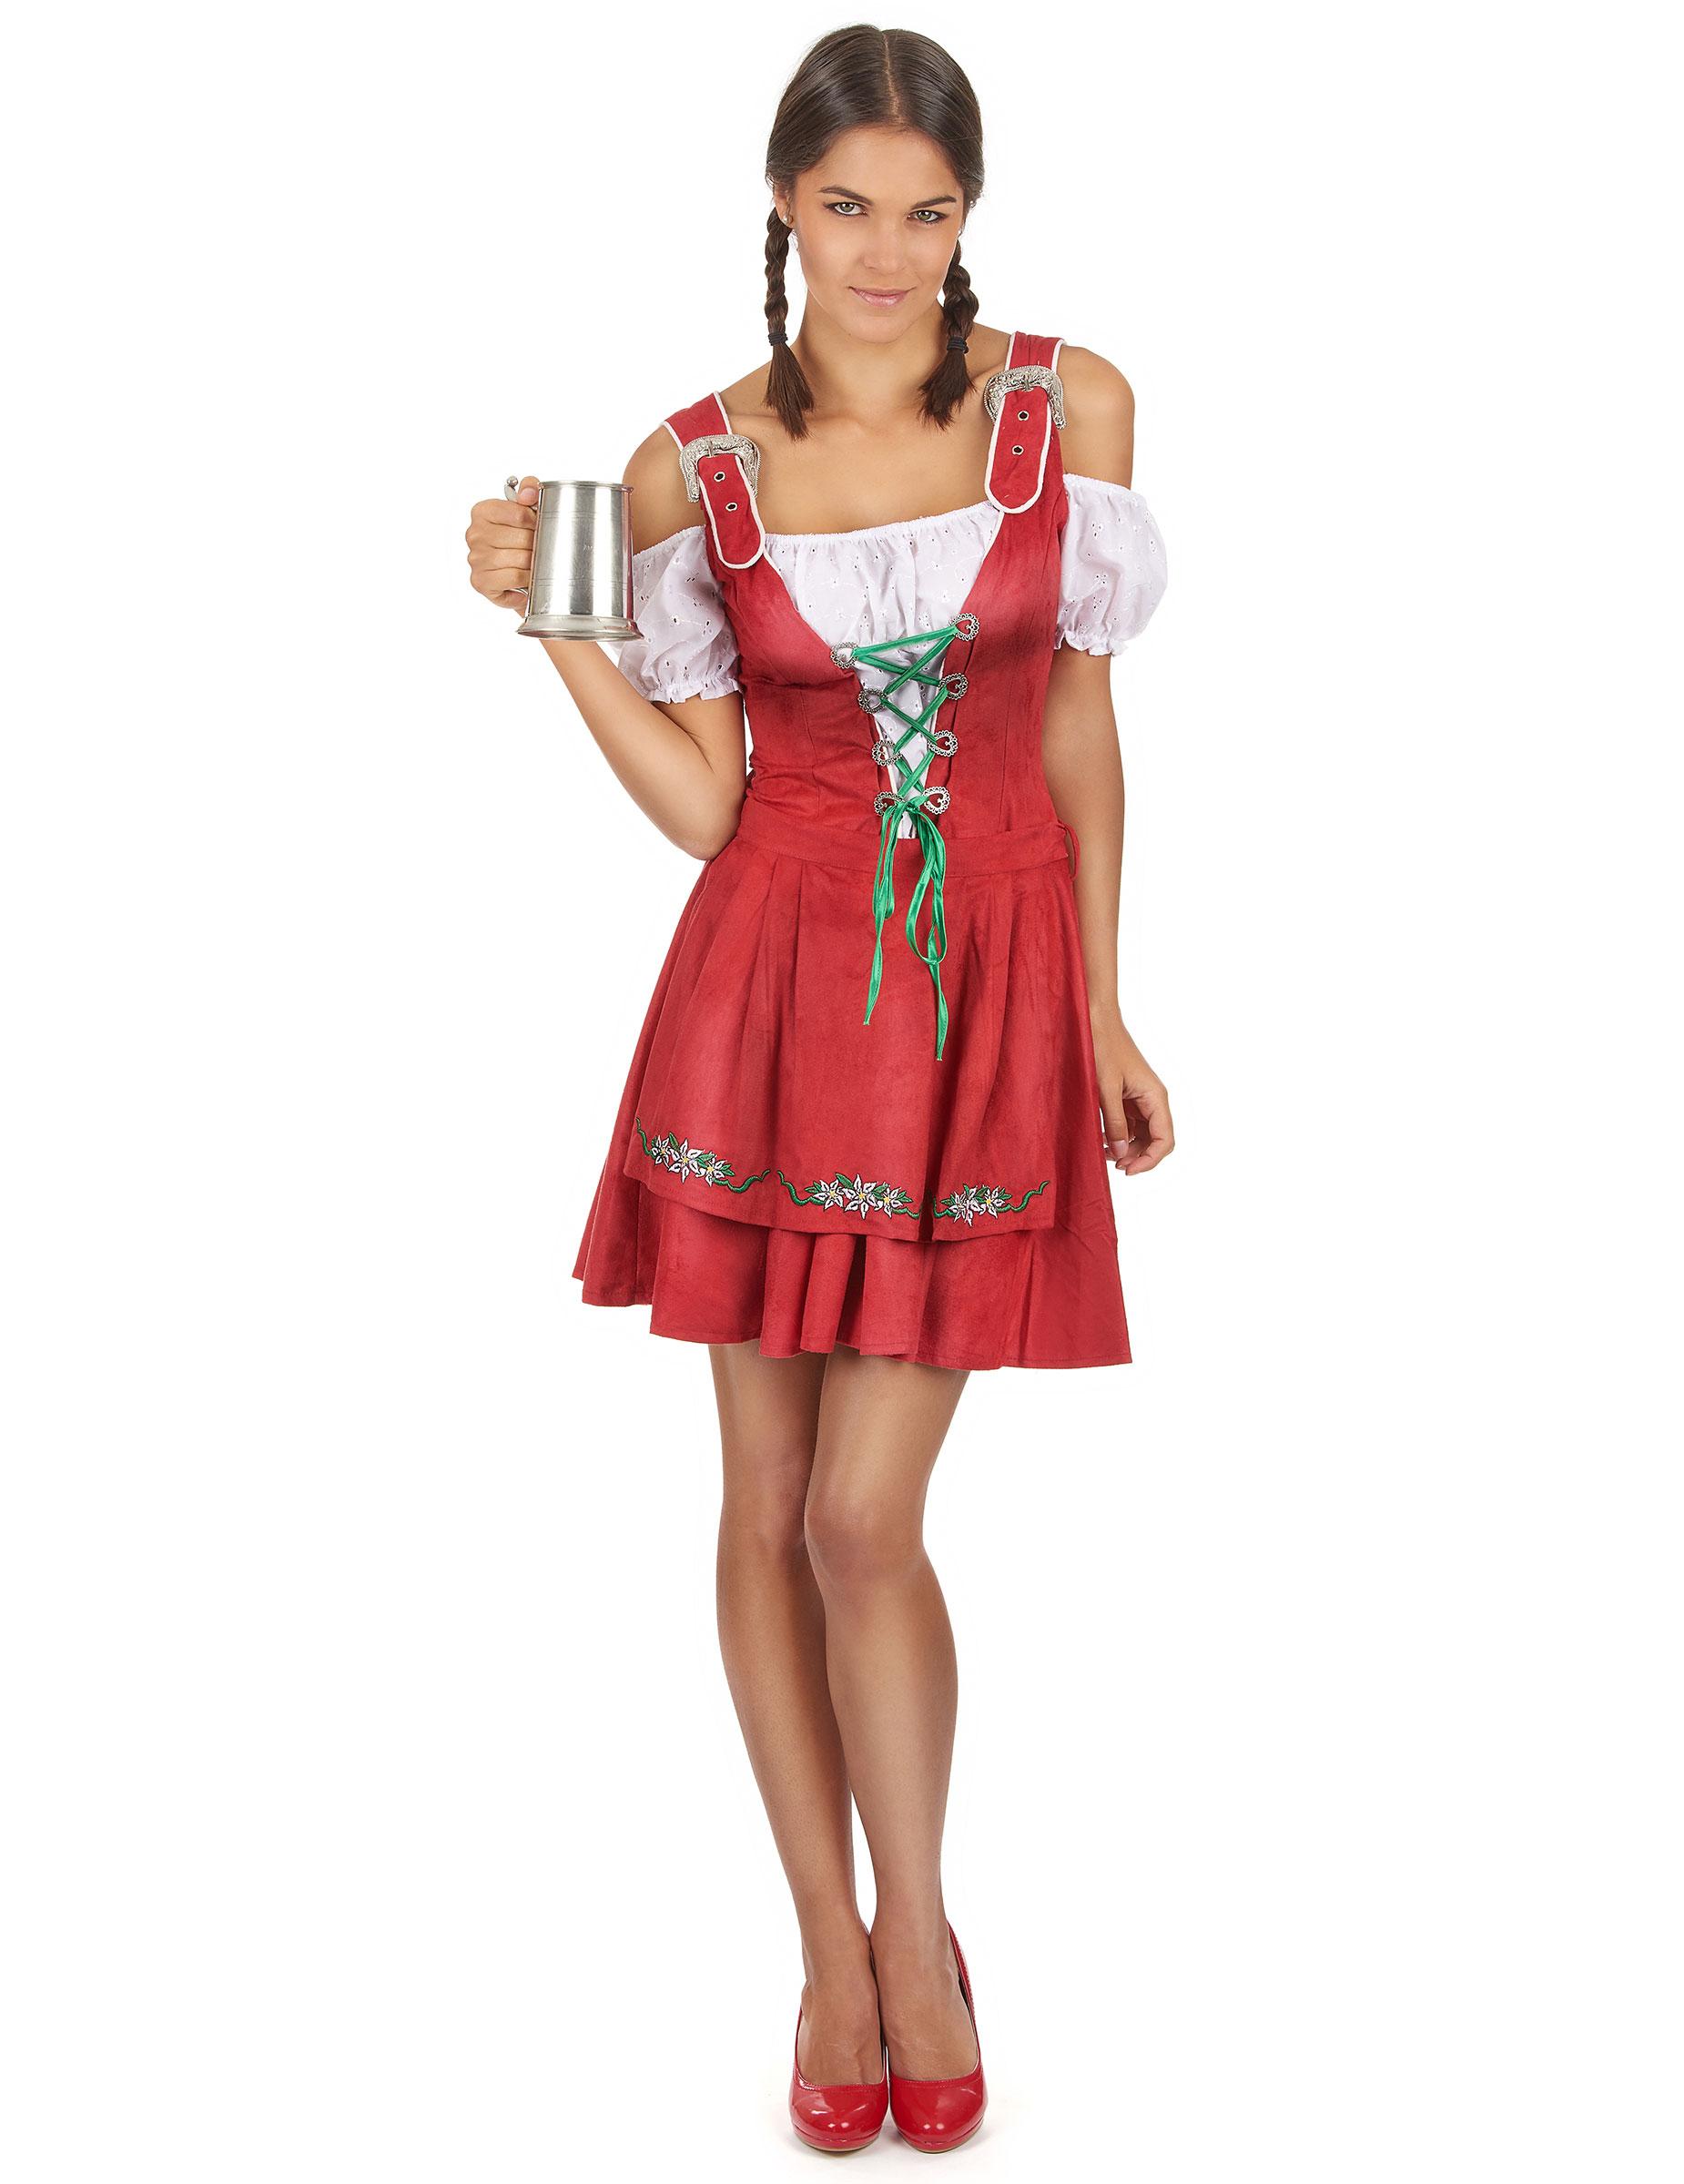 Sexy Tiroler Tracht in Rot für Frauen: Kostüme für